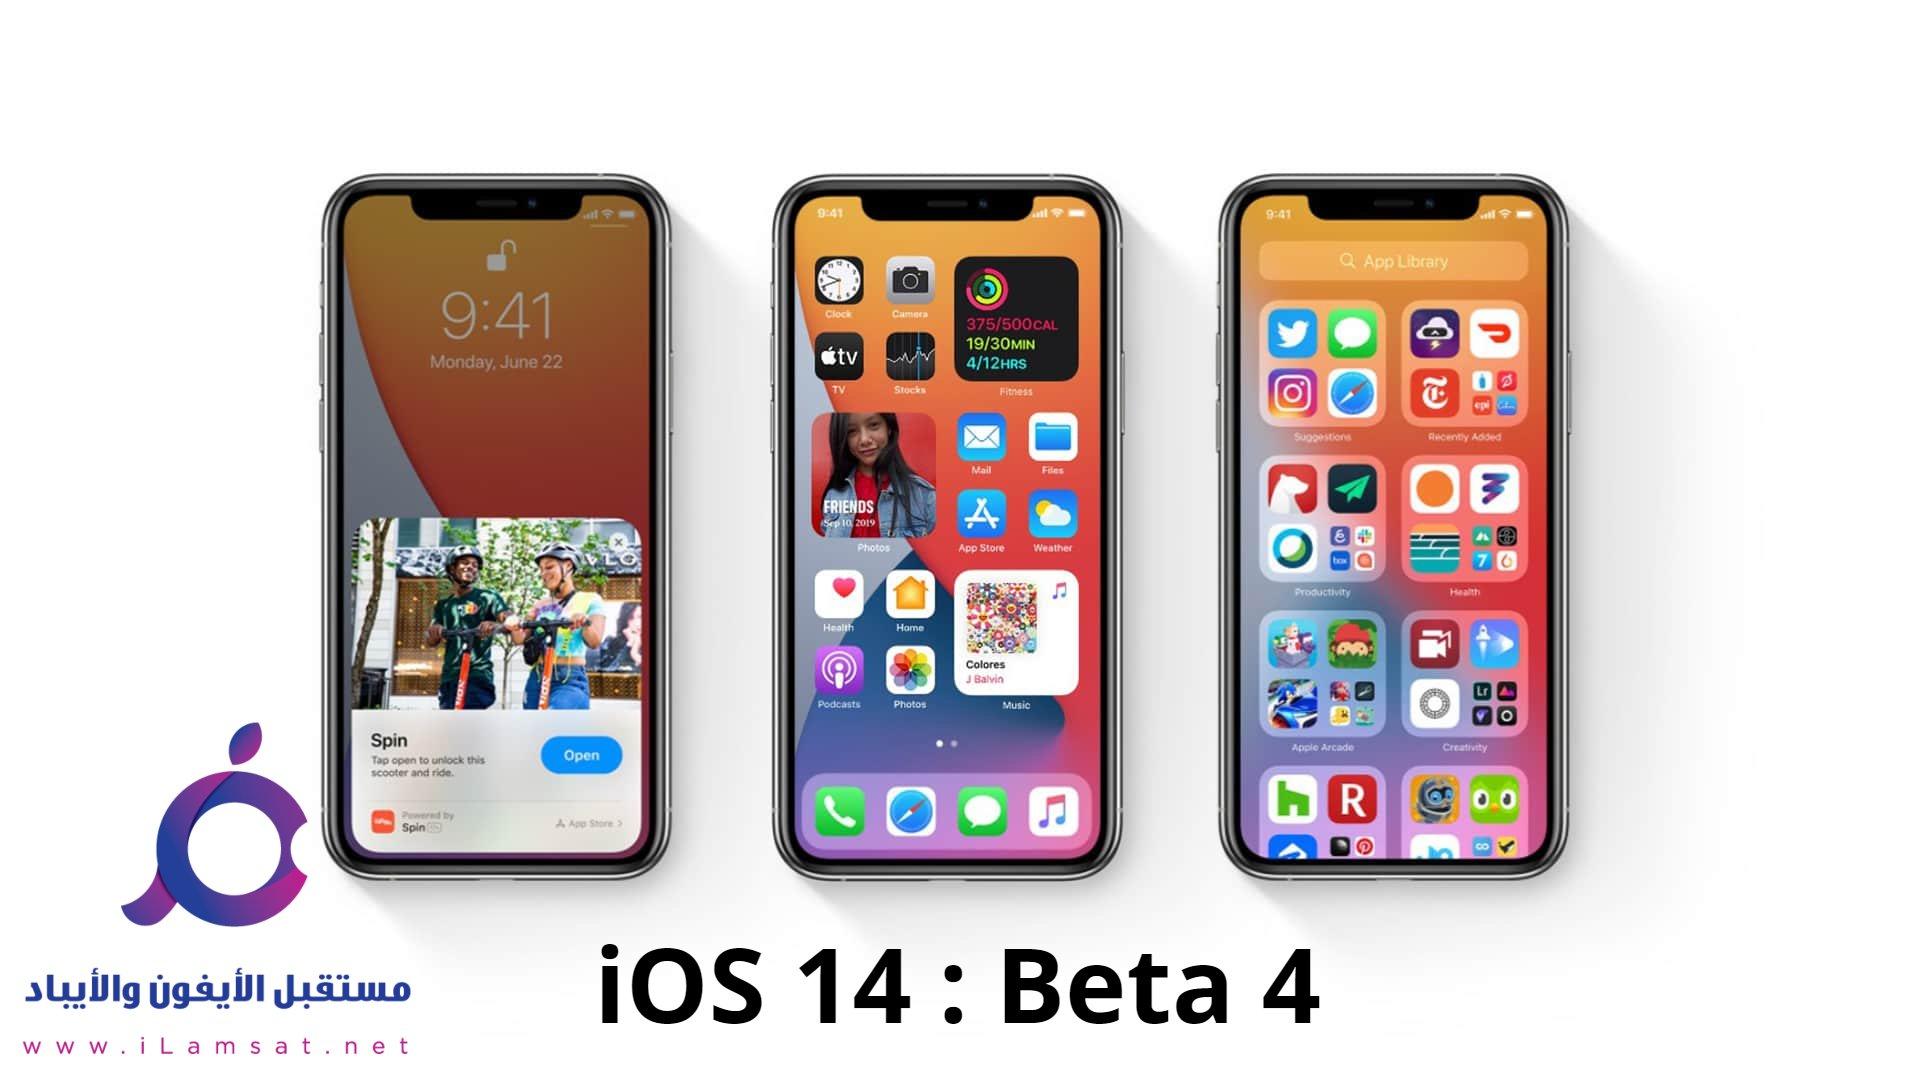 iOS 14 beta 4  : التغييرات والمميزات الجديدة وطريقة تحميل النسخة التجريبية